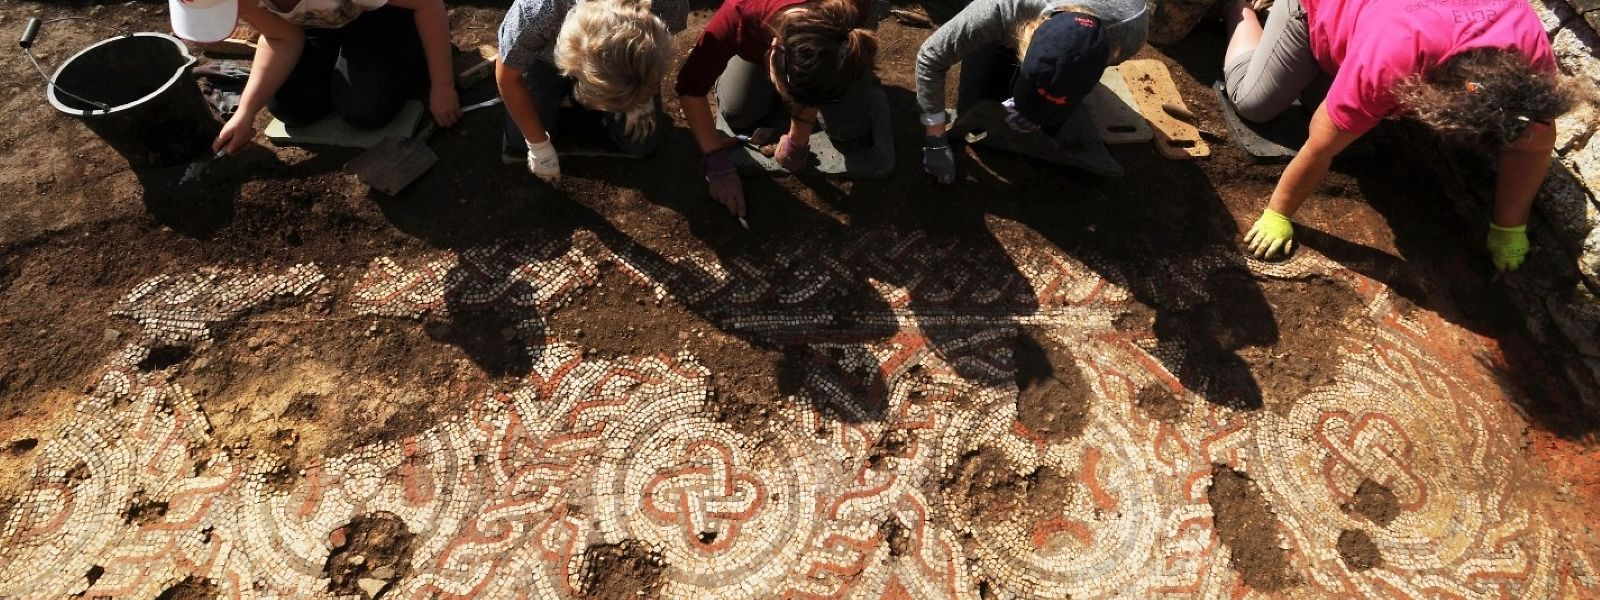 Archäologen legen ein Mosaik frei, das bei Ausgrabungsarbeiten des National Trust an einer römischen Villa in Chedworth entdeckt wurde.